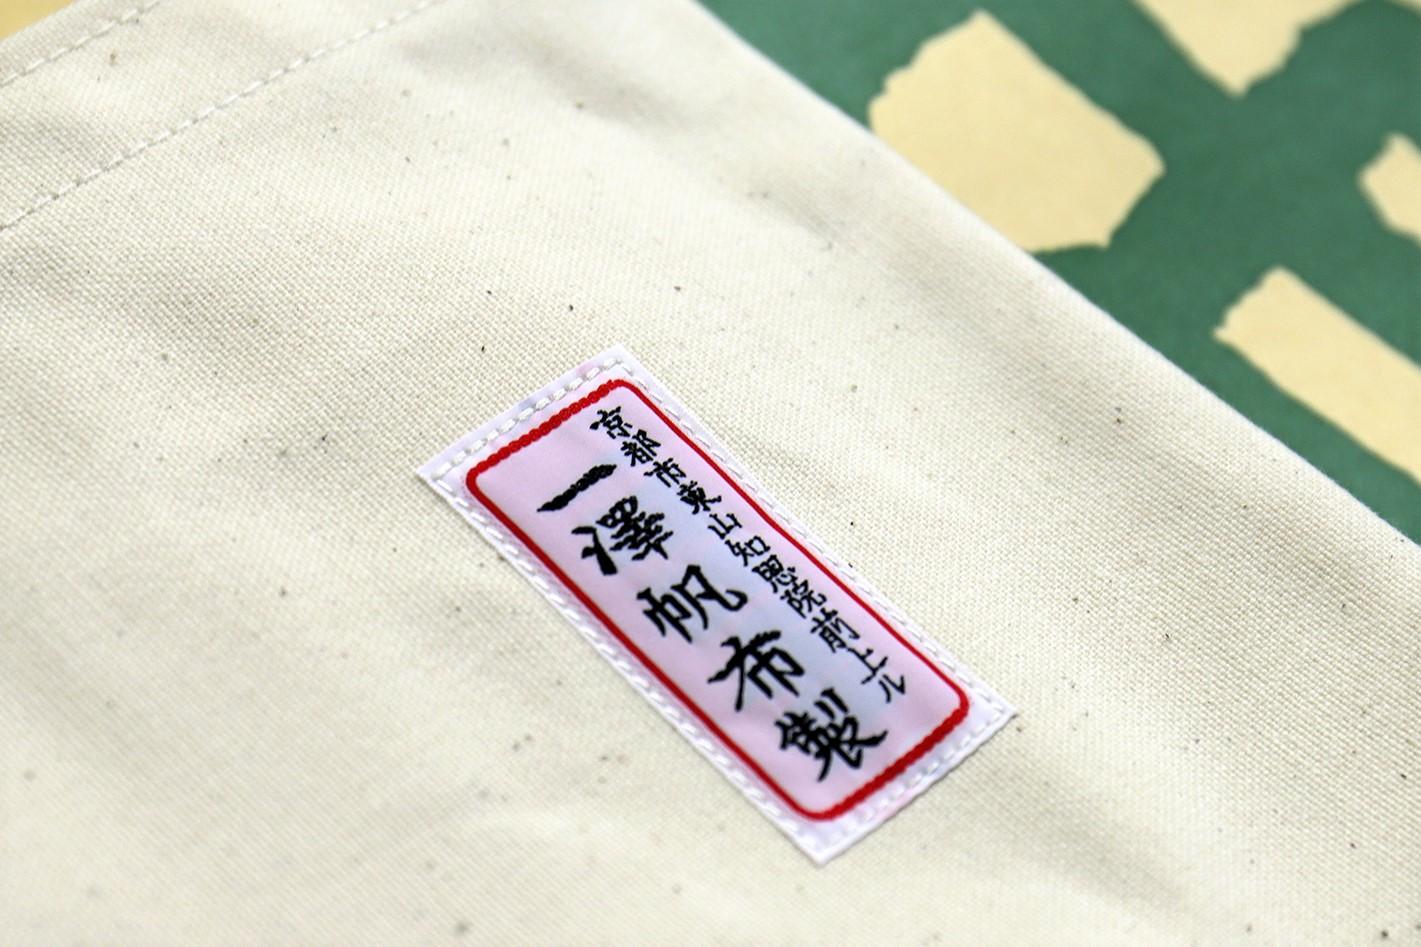 まっすぐな縫い目でカバンに縫い付けられたネームタグ